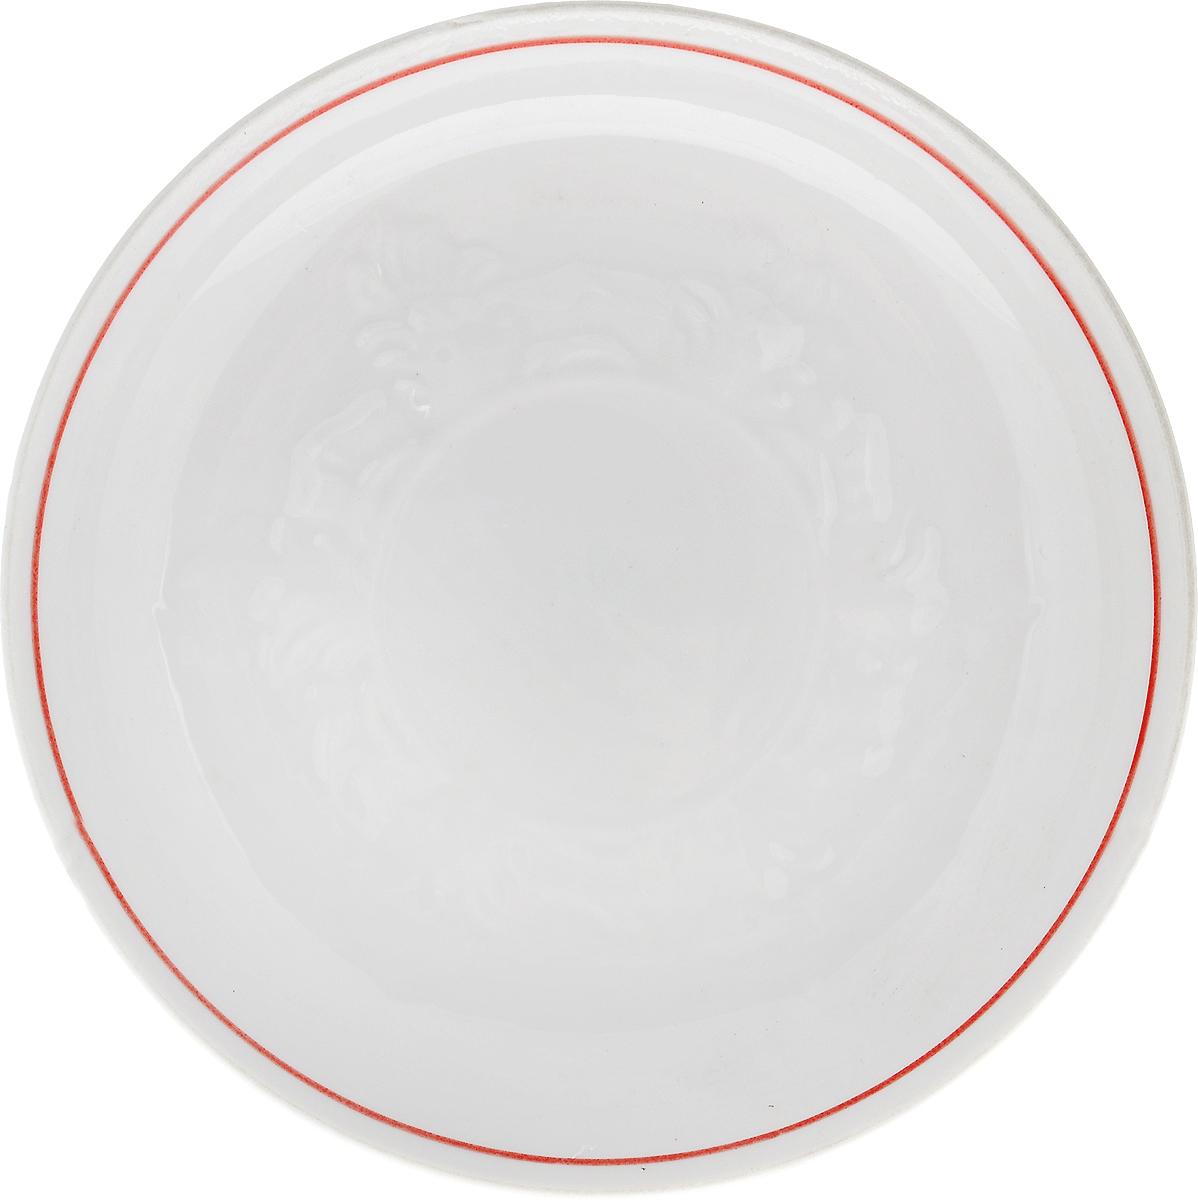 Блюдце Фарфор Вербилок, цвет: белый, красный, диаметр 14 см115510Блюдце Фарфор Вербилок выполнено из высококачественного фарфора. Изделие идеально подойдет для сервировки стола и станет отличным подарком к любому празднику.Диаметр блюдца (по верхнему краю): 14 см.Высота блюдца: 2,5 см.